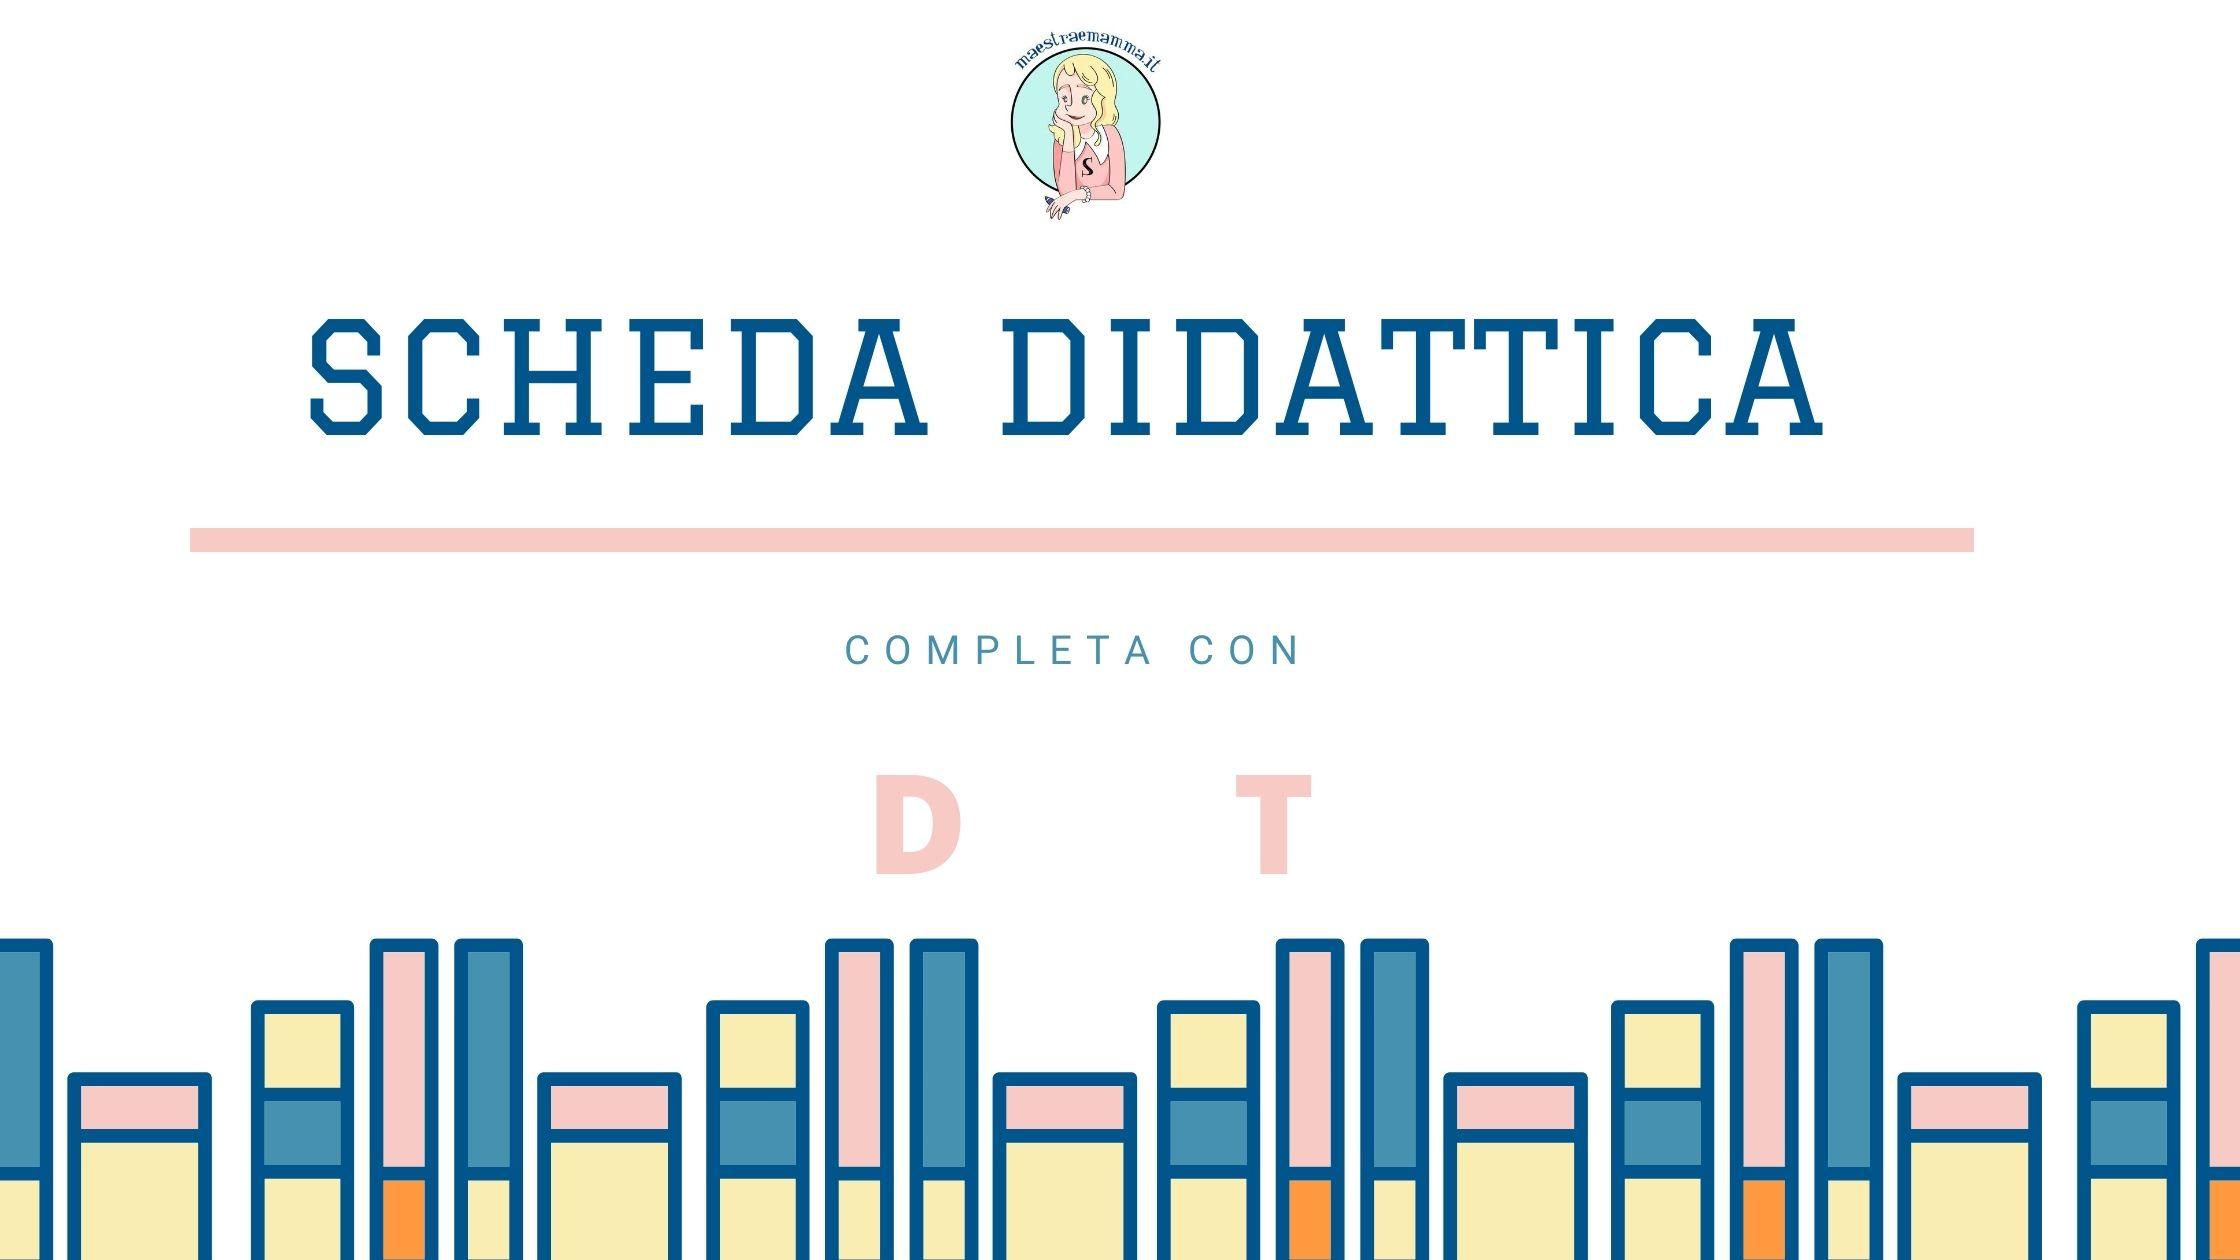 Scheda didattica: completa con D o T